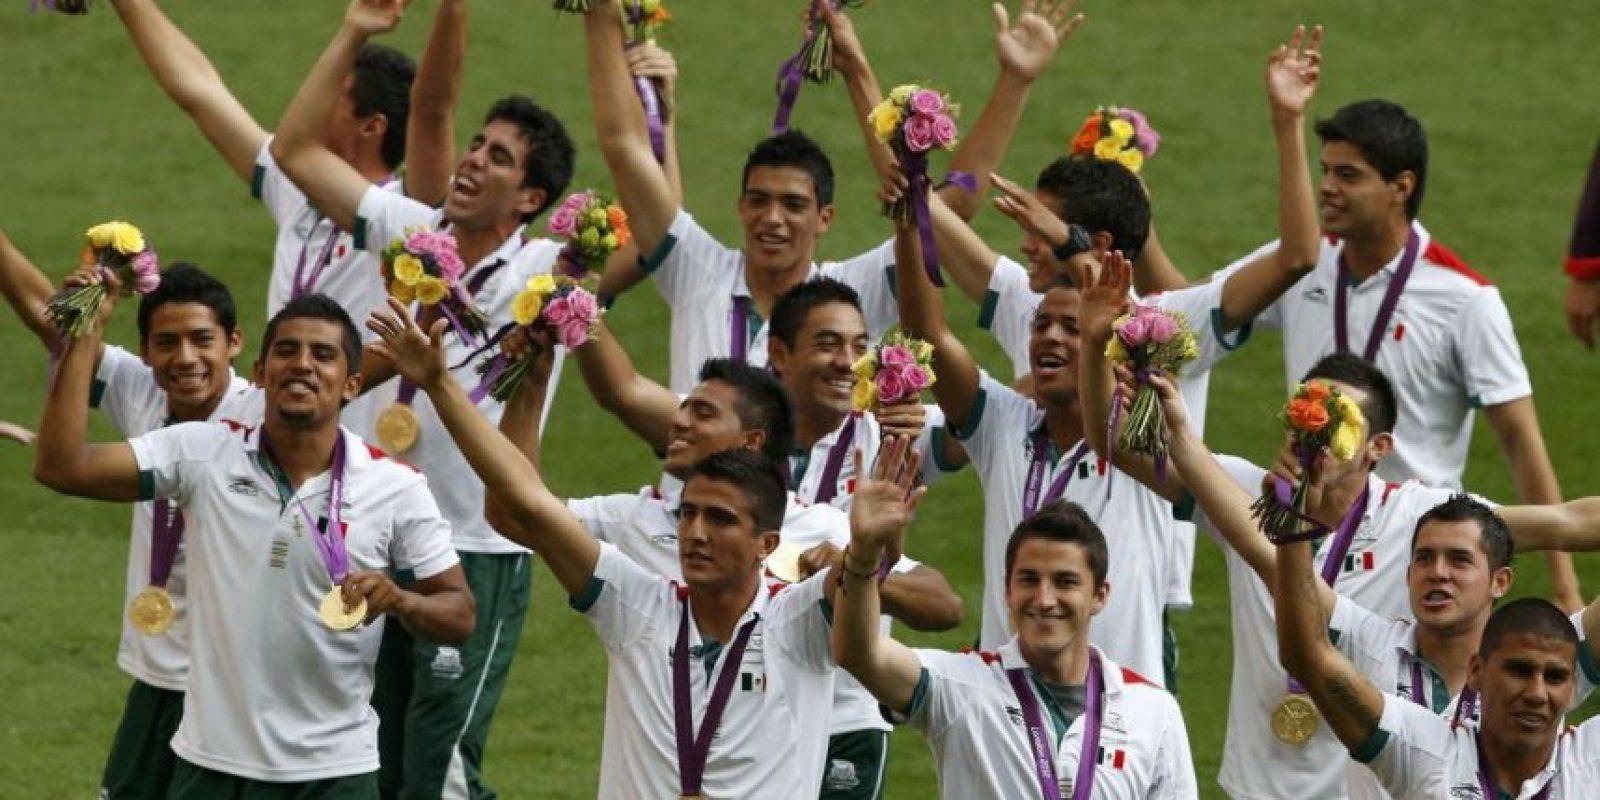 Foto:vivelohoy.com